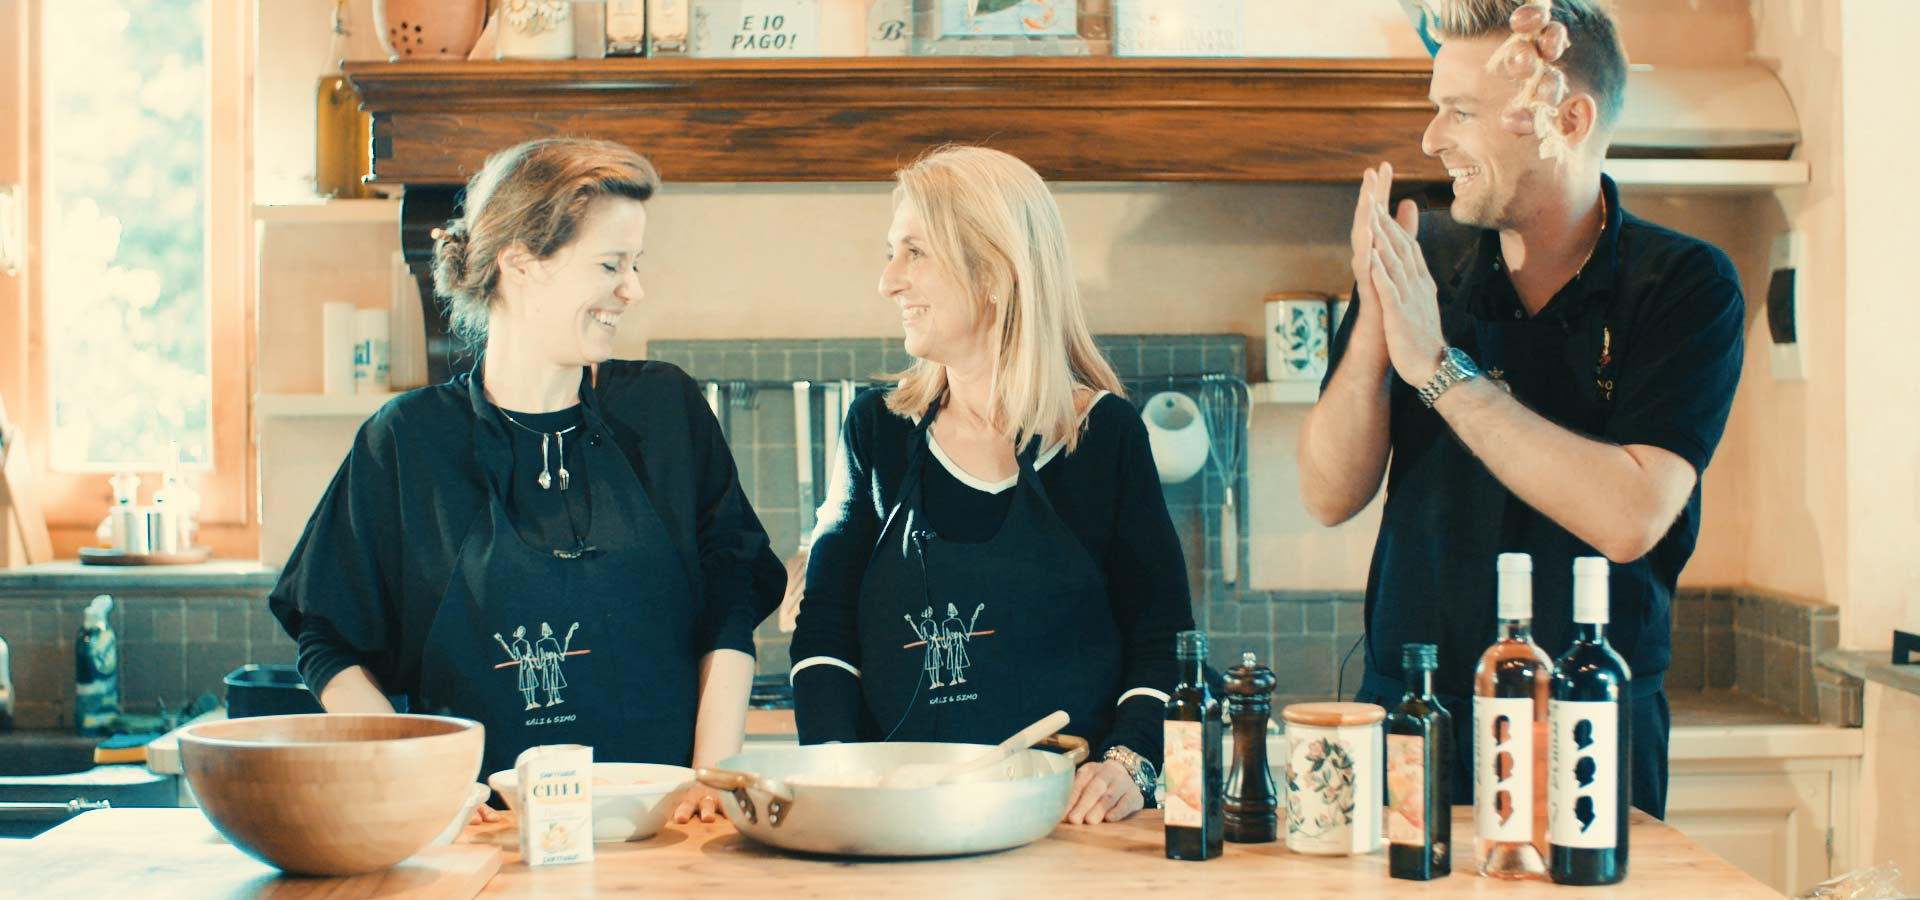 Direktør Andrea Nascimbeni i Casificio 4 Madonne og Geir Andre i lagringsrommet som parmesanen modnes.